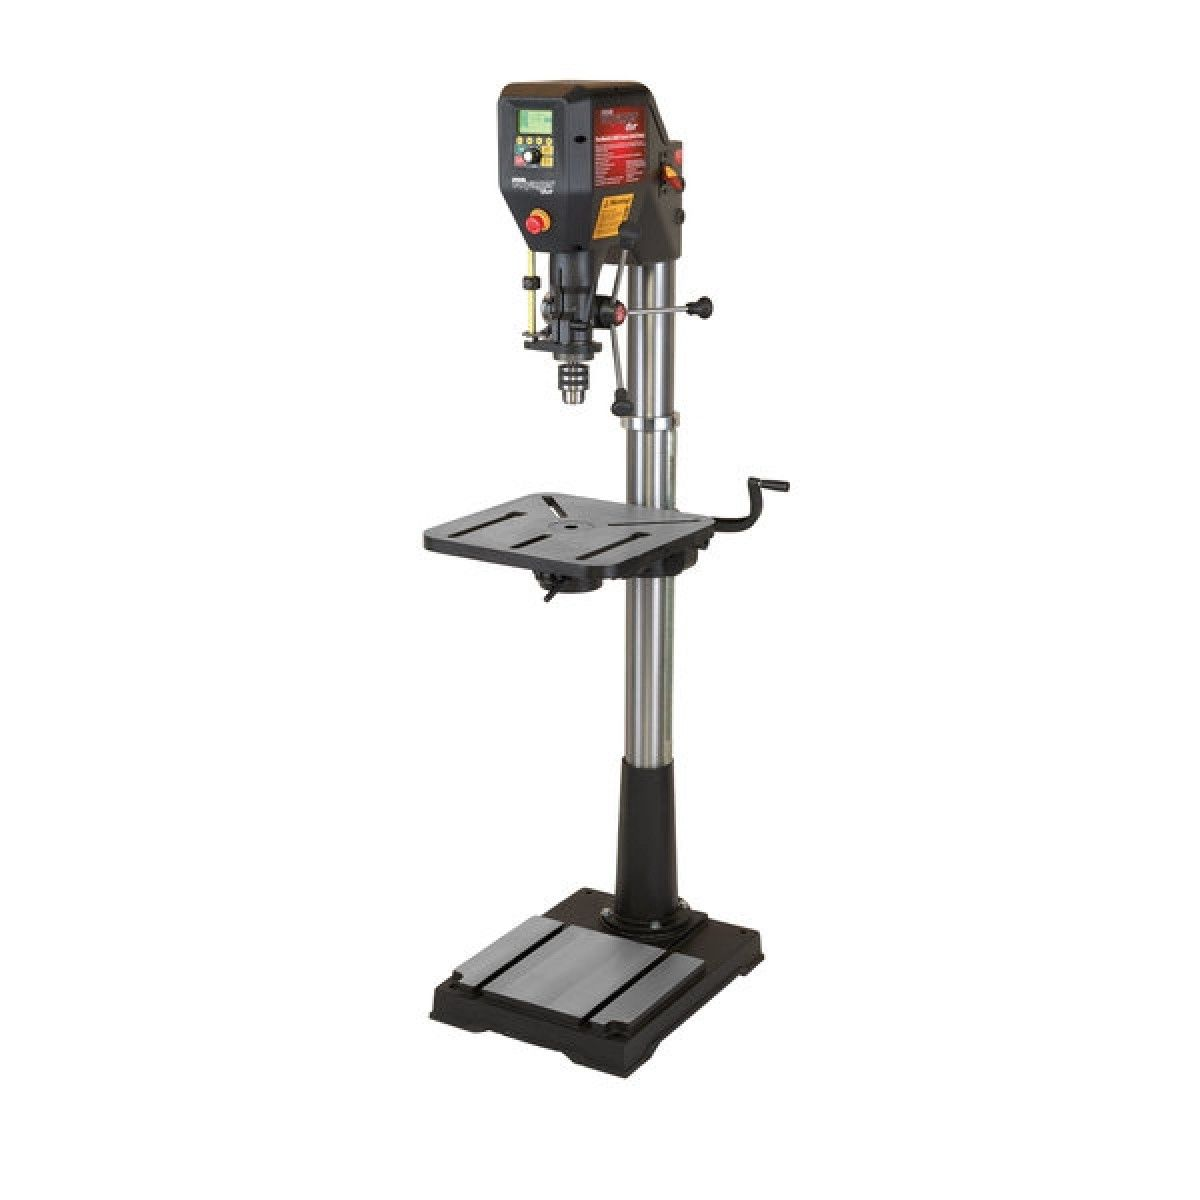 small resolution of teknatool nova voyager dvr drill press drill press manual outdoor power equipment stuff